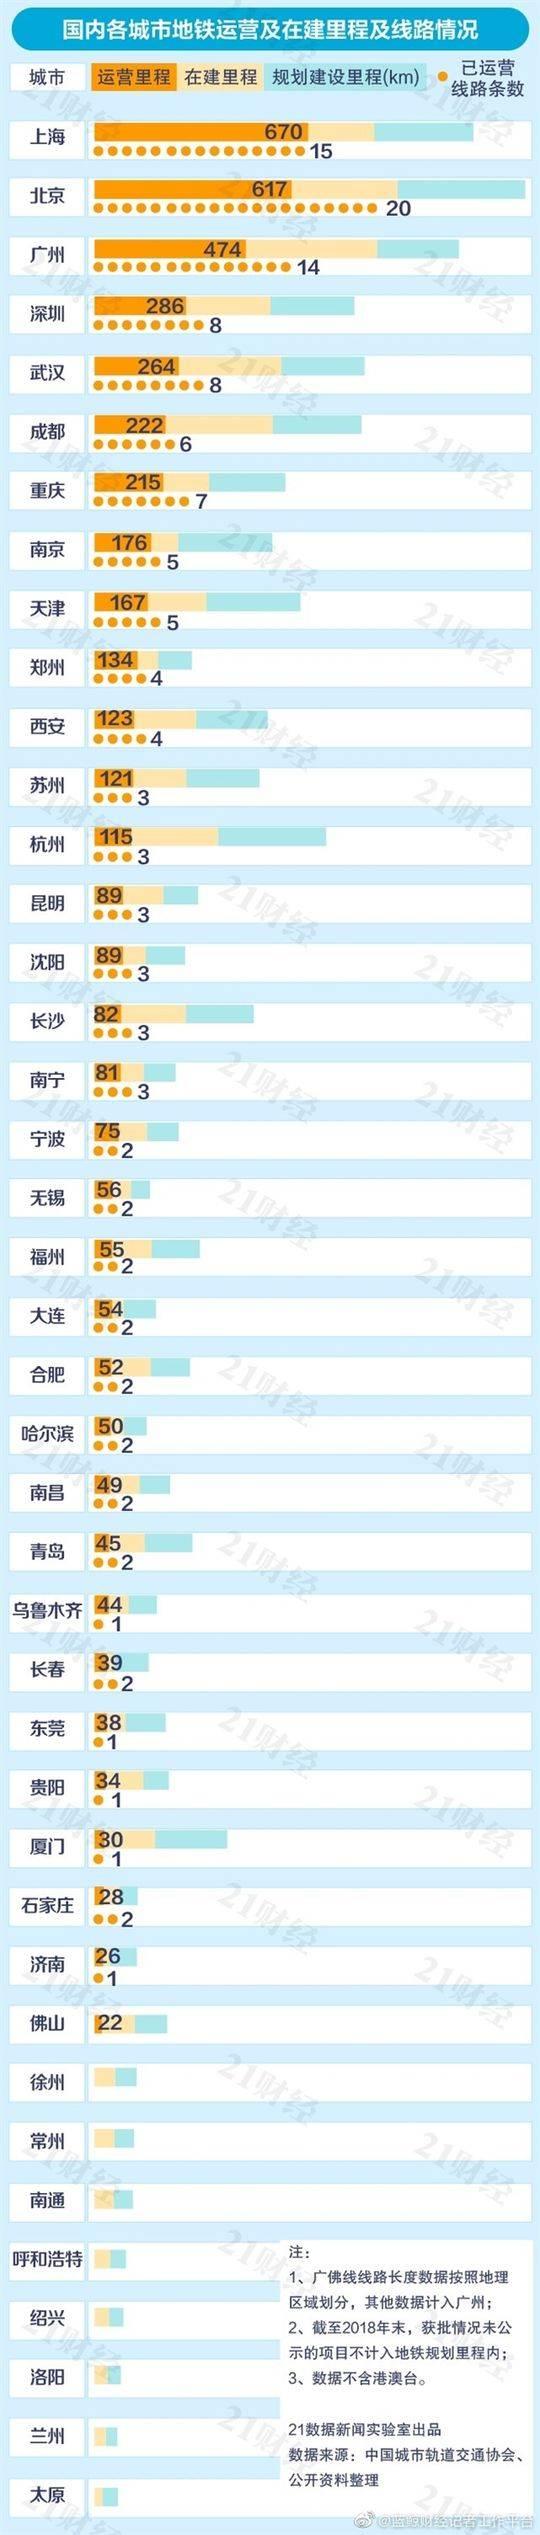 中国城市地铁排名出炉哪个城市位居榜首 中国有多少城市有建设地铁